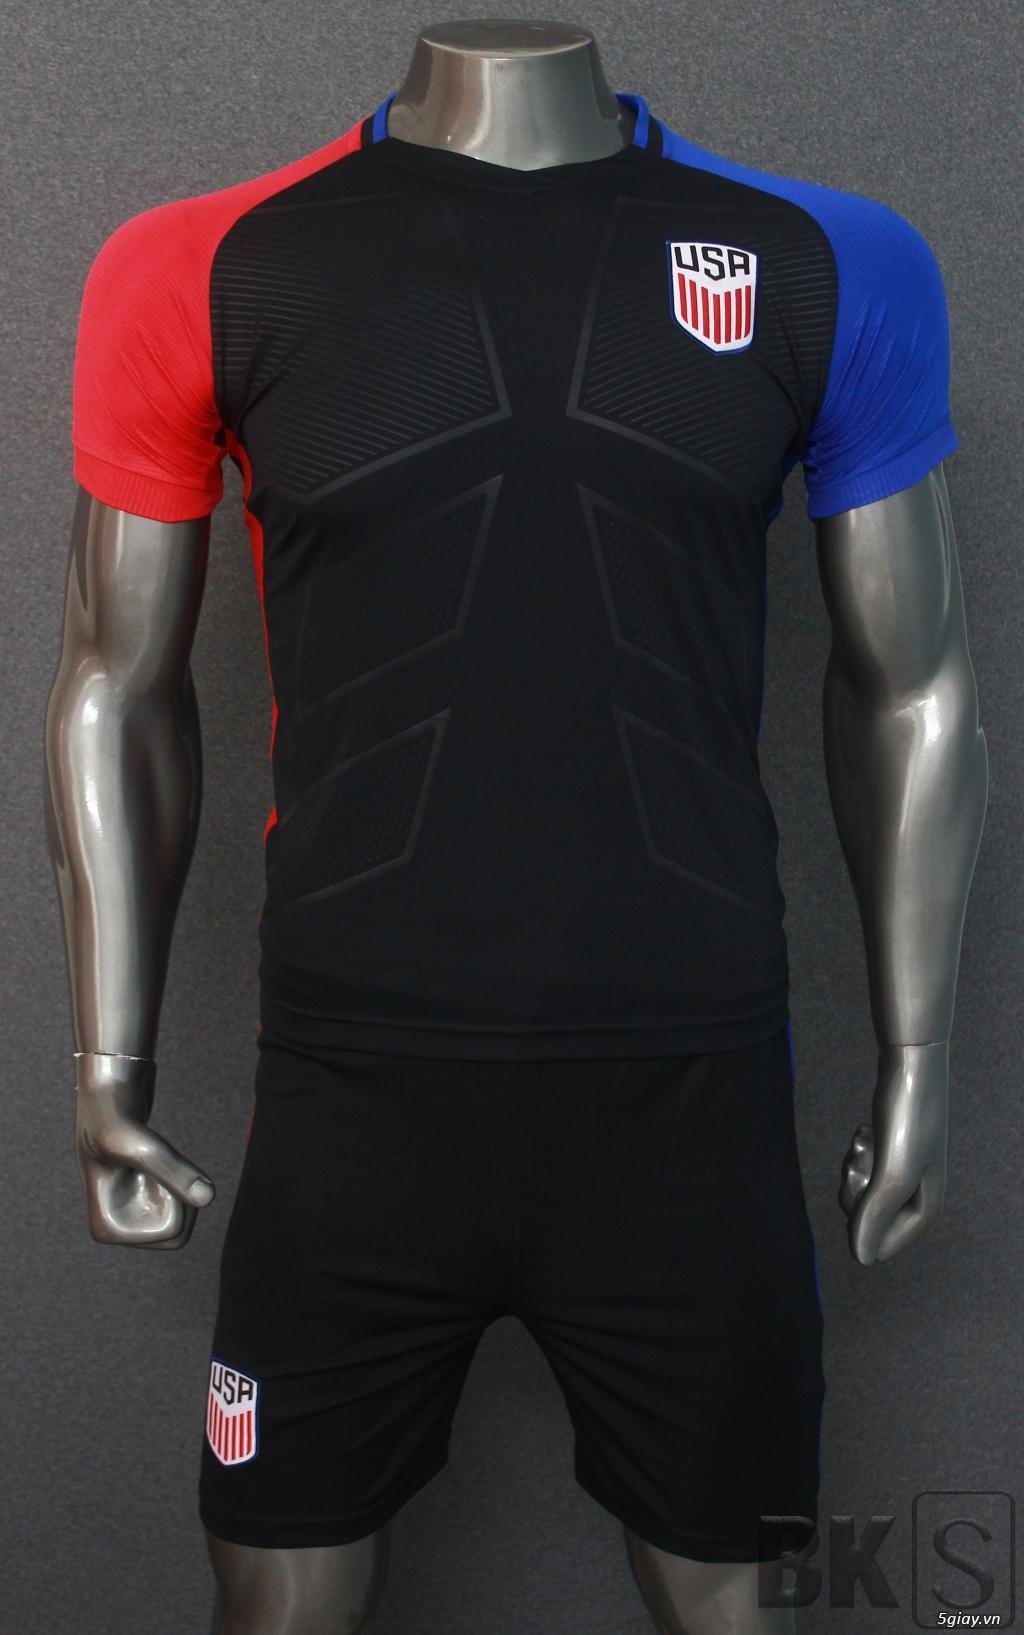 Áo bóng đá HP-địa chỉ gốc sản xuất trang phục thể thao số 1 Việt Nam - 21